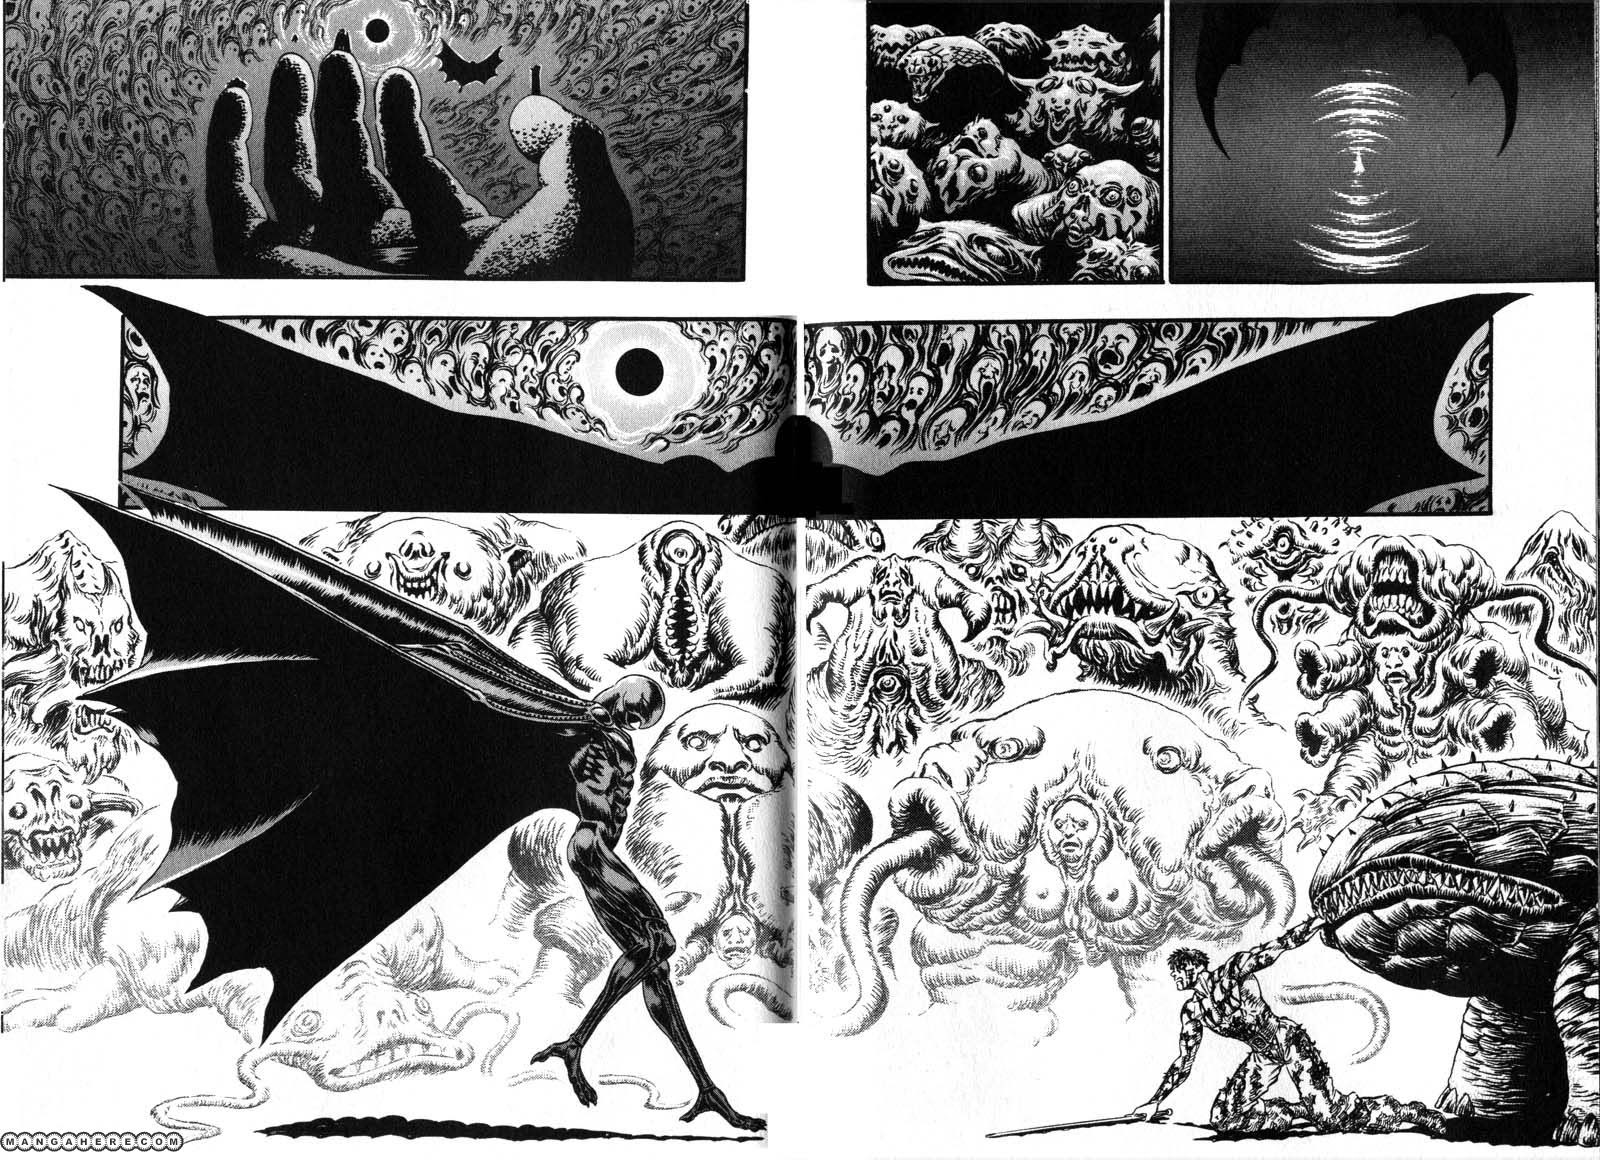 Komik berserk 101 - terlahir 102 Indonesia berserk 101 - terlahir Terbaru 6|Baca Manga Komik Indonesia